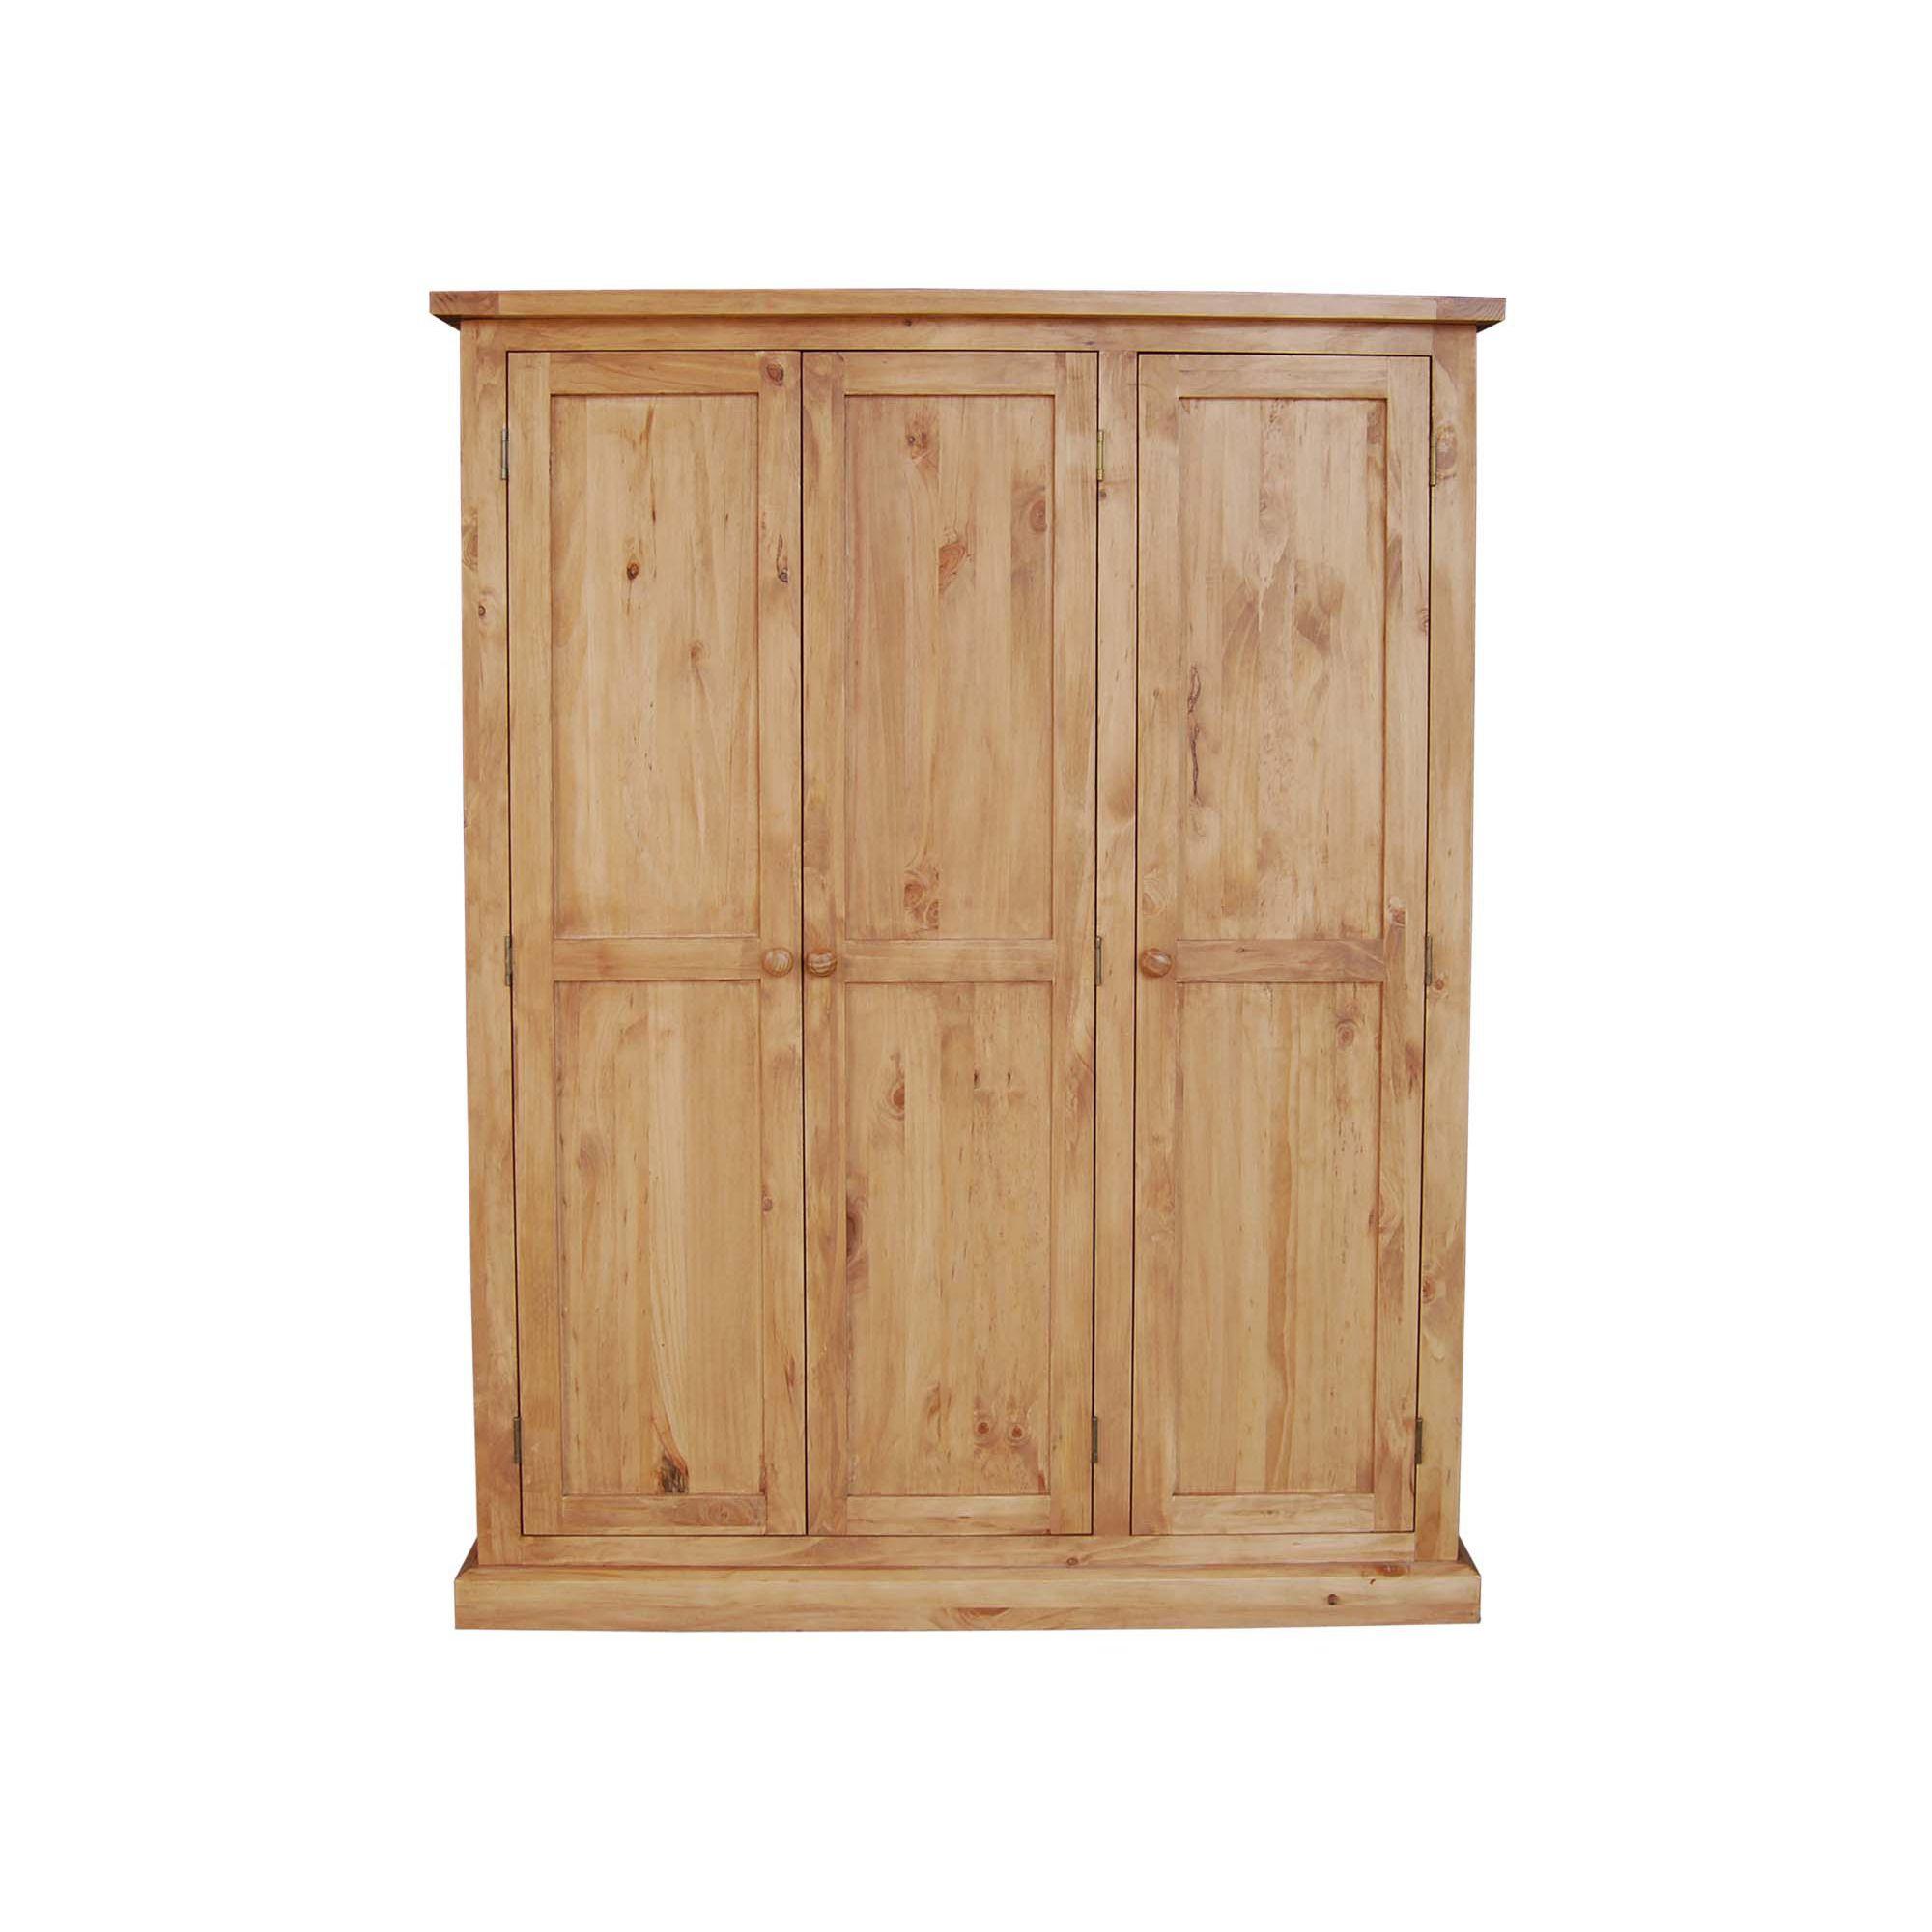 Furniture Link Devon Three Door Wardrobe in Pine at Tesco Direct